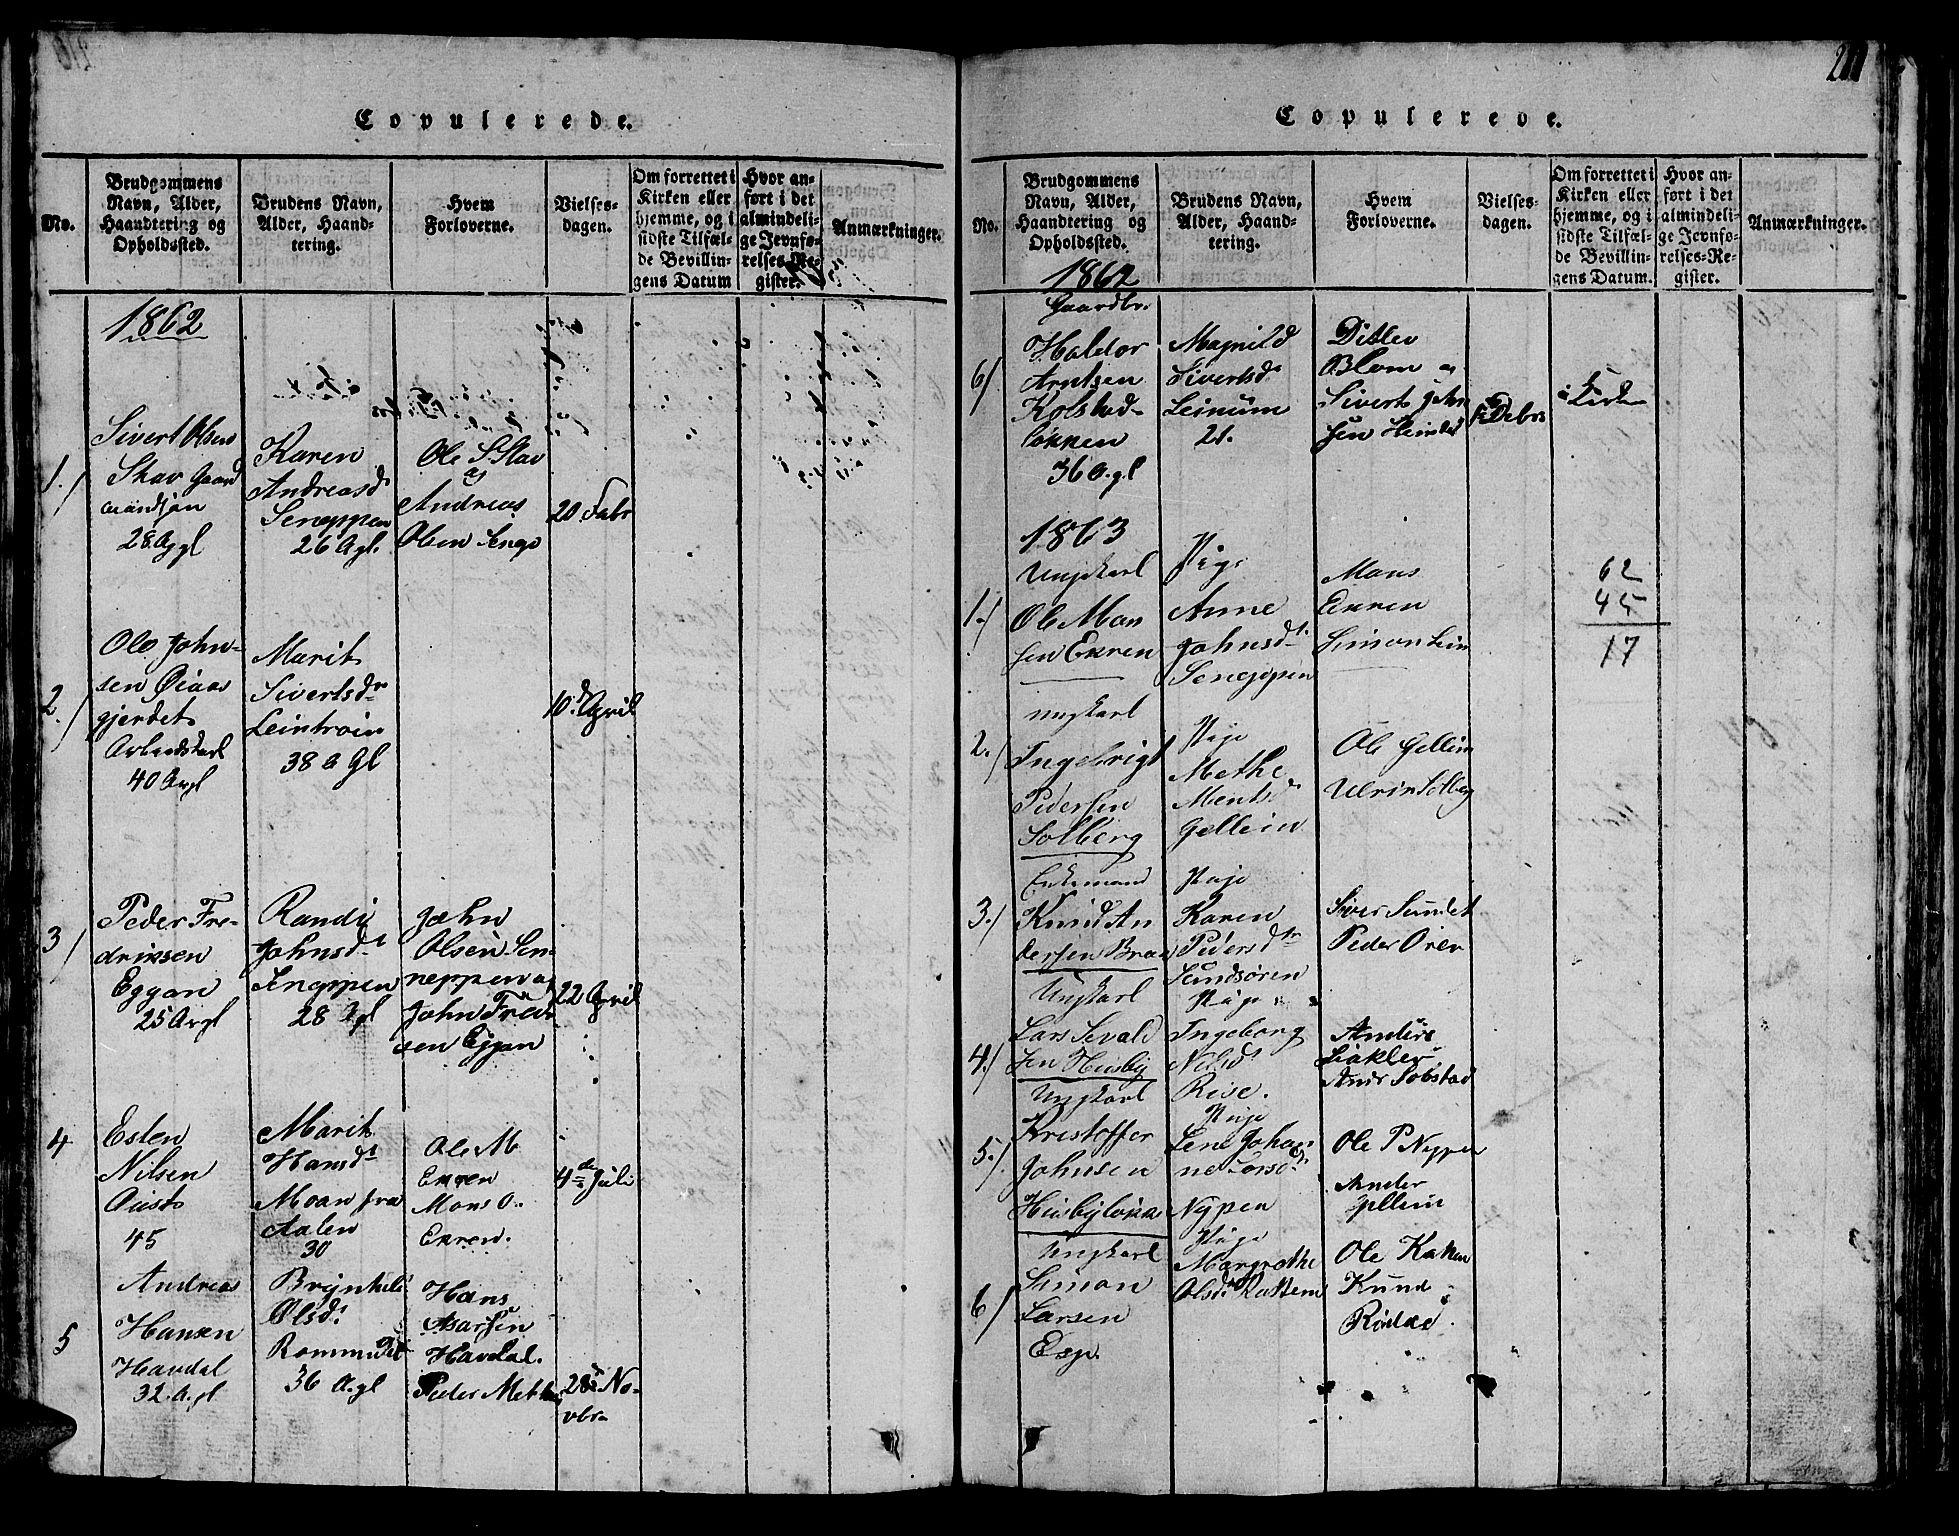 SAT, Ministerialprotokoller, klokkerbøker og fødselsregistre - Sør-Trøndelag, 613/L0393: Klokkerbok nr. 613C01, 1816-1886, s. 211